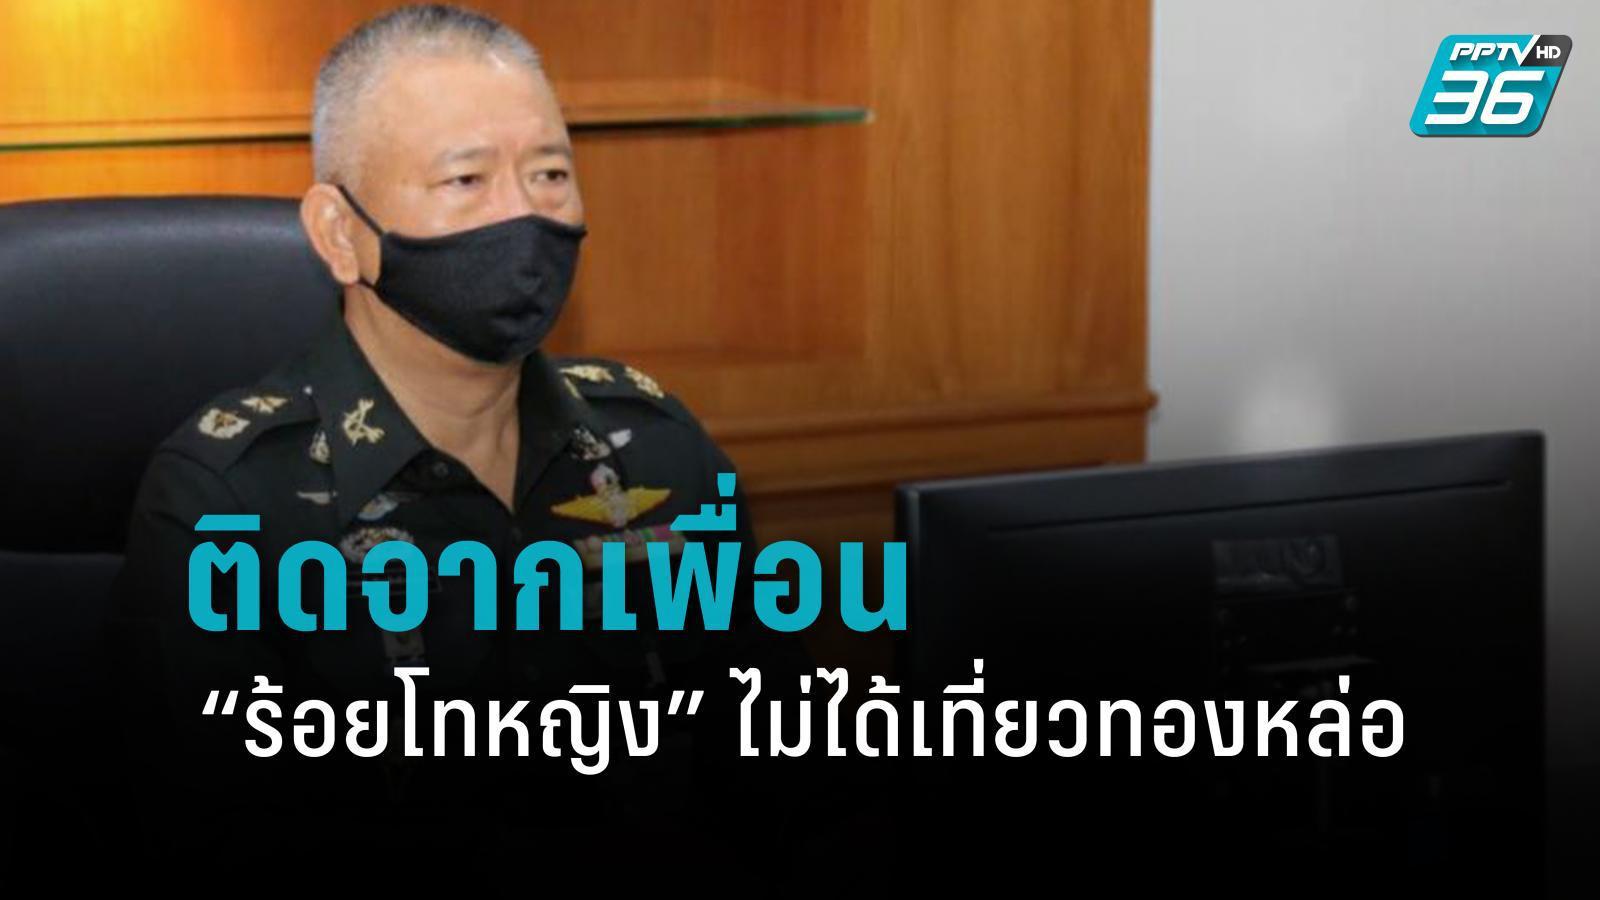 """กองทัพไทย แจง """"ร้อยโทหญิง"""" ติดโควิด ไม่ได้เที่ยวทองหล่อ แต่ติดจากเพื่อนที่ไป"""